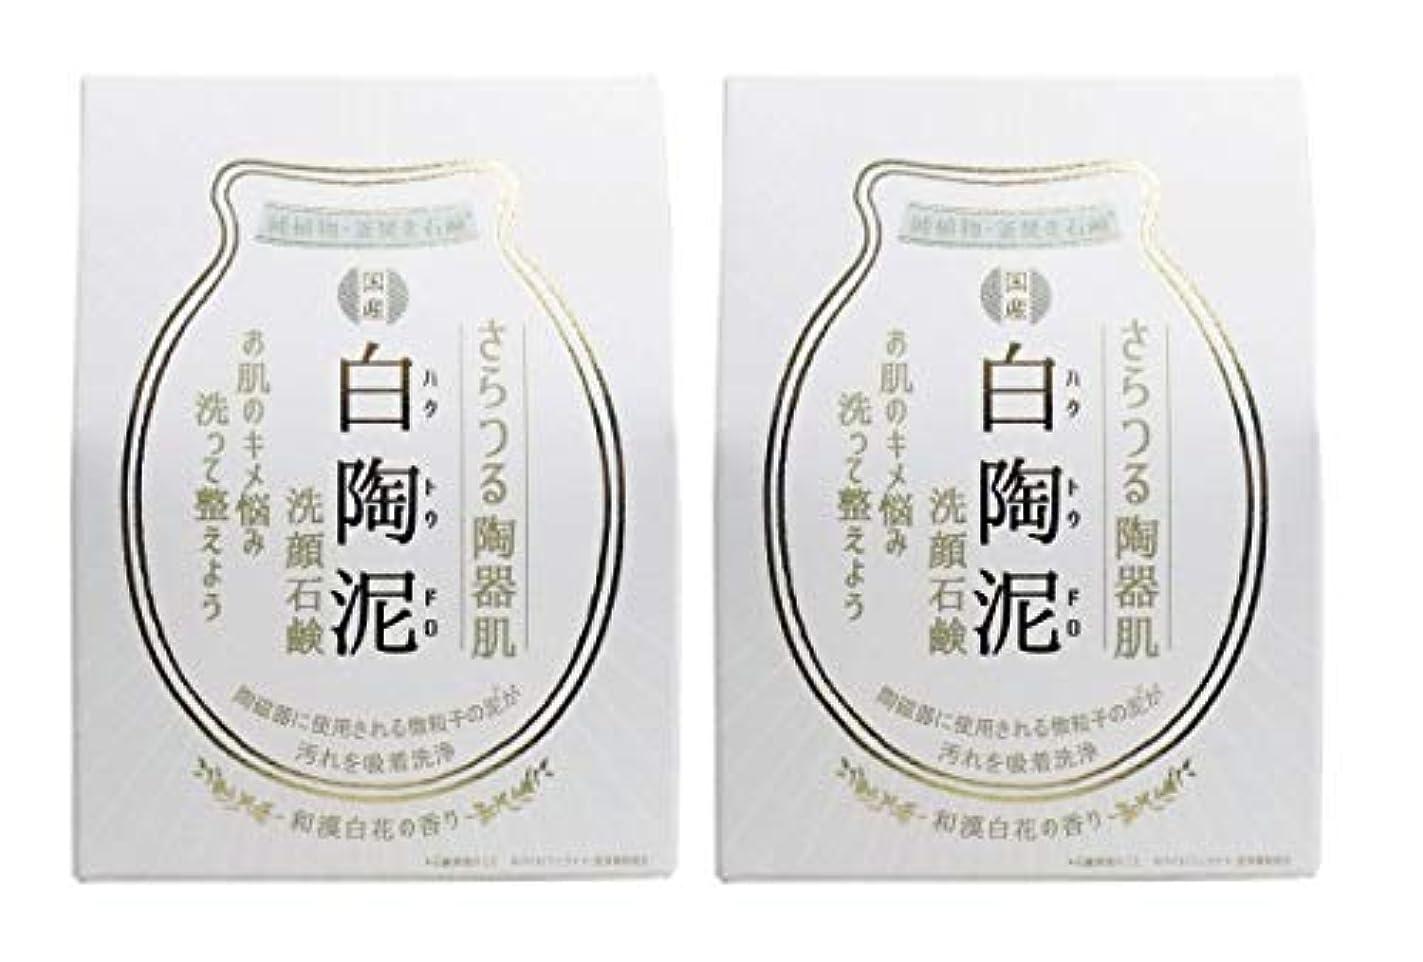 グリット事業内容マーティンルーサーキングジュニアペリカン石鹸 白陶泥洗顔石鹸 100g×2個セット